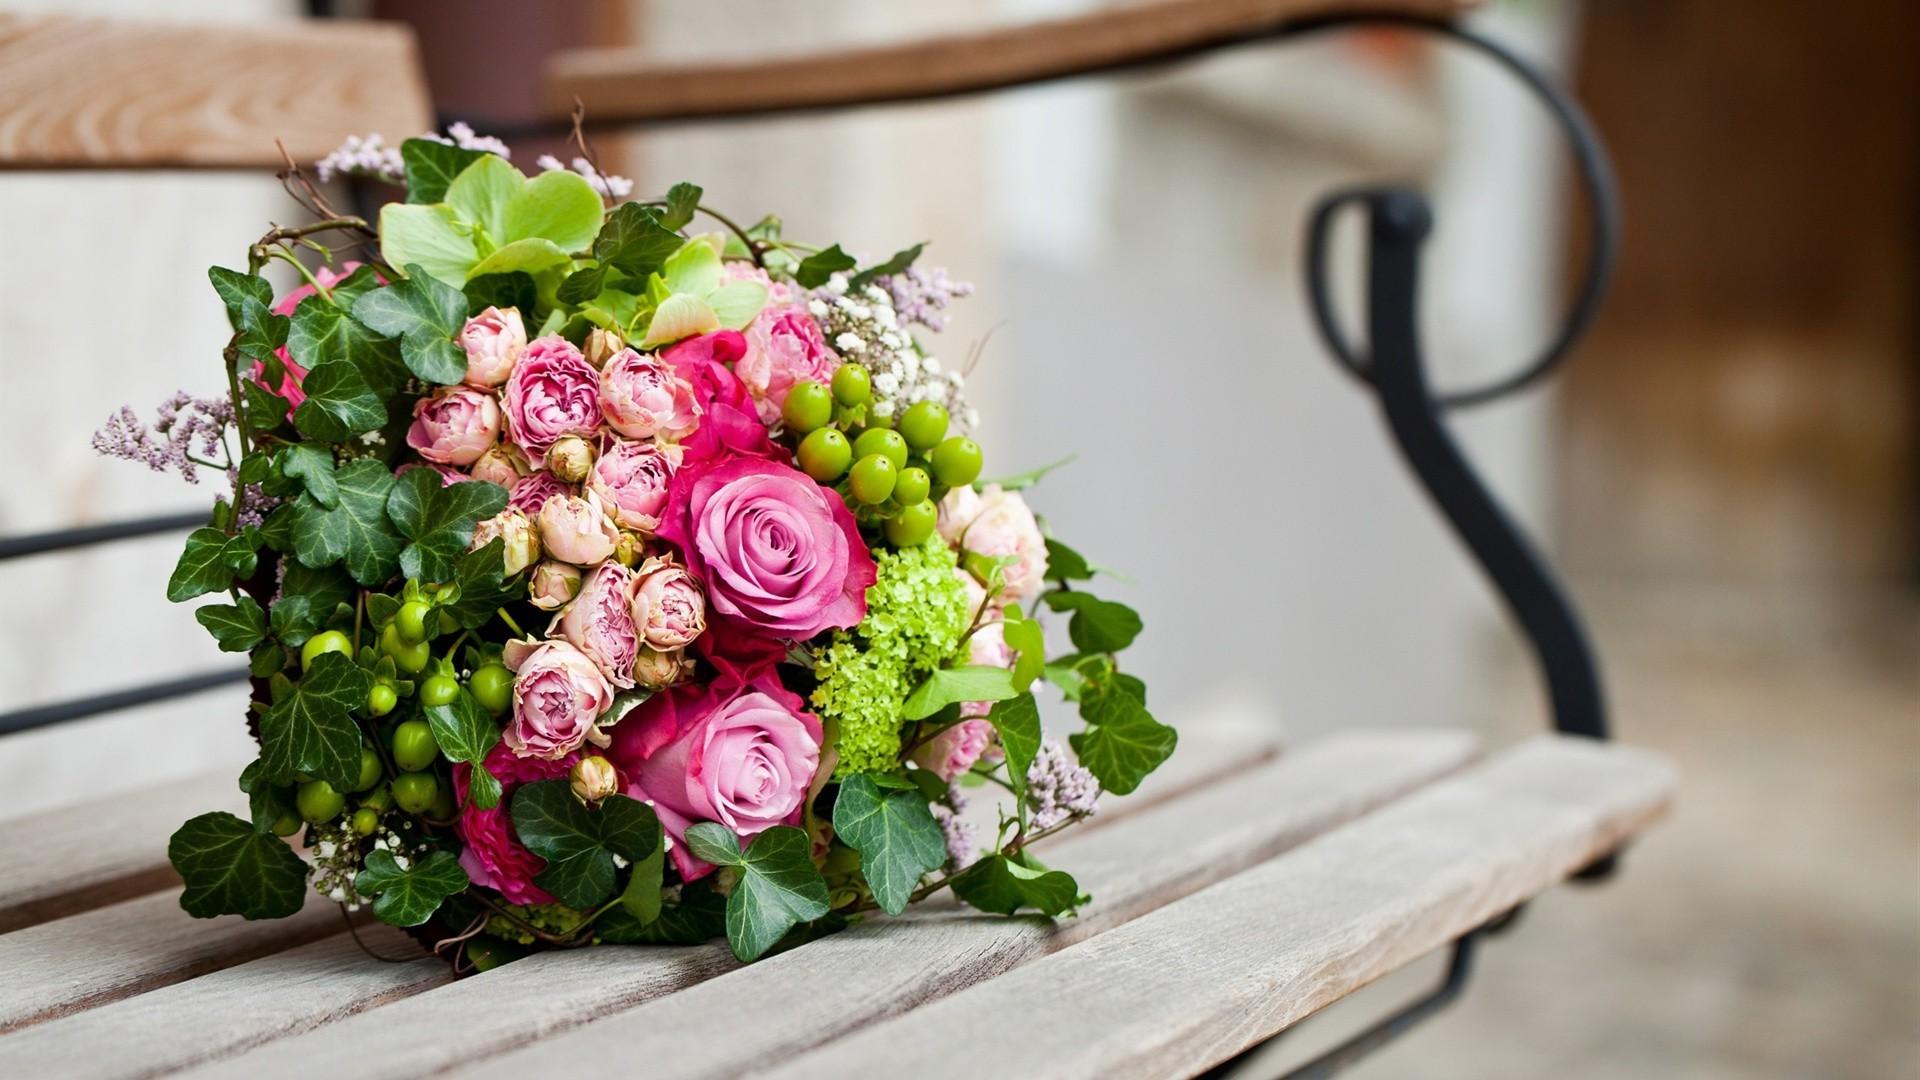 Картинки на рабочий стол букетов цветов